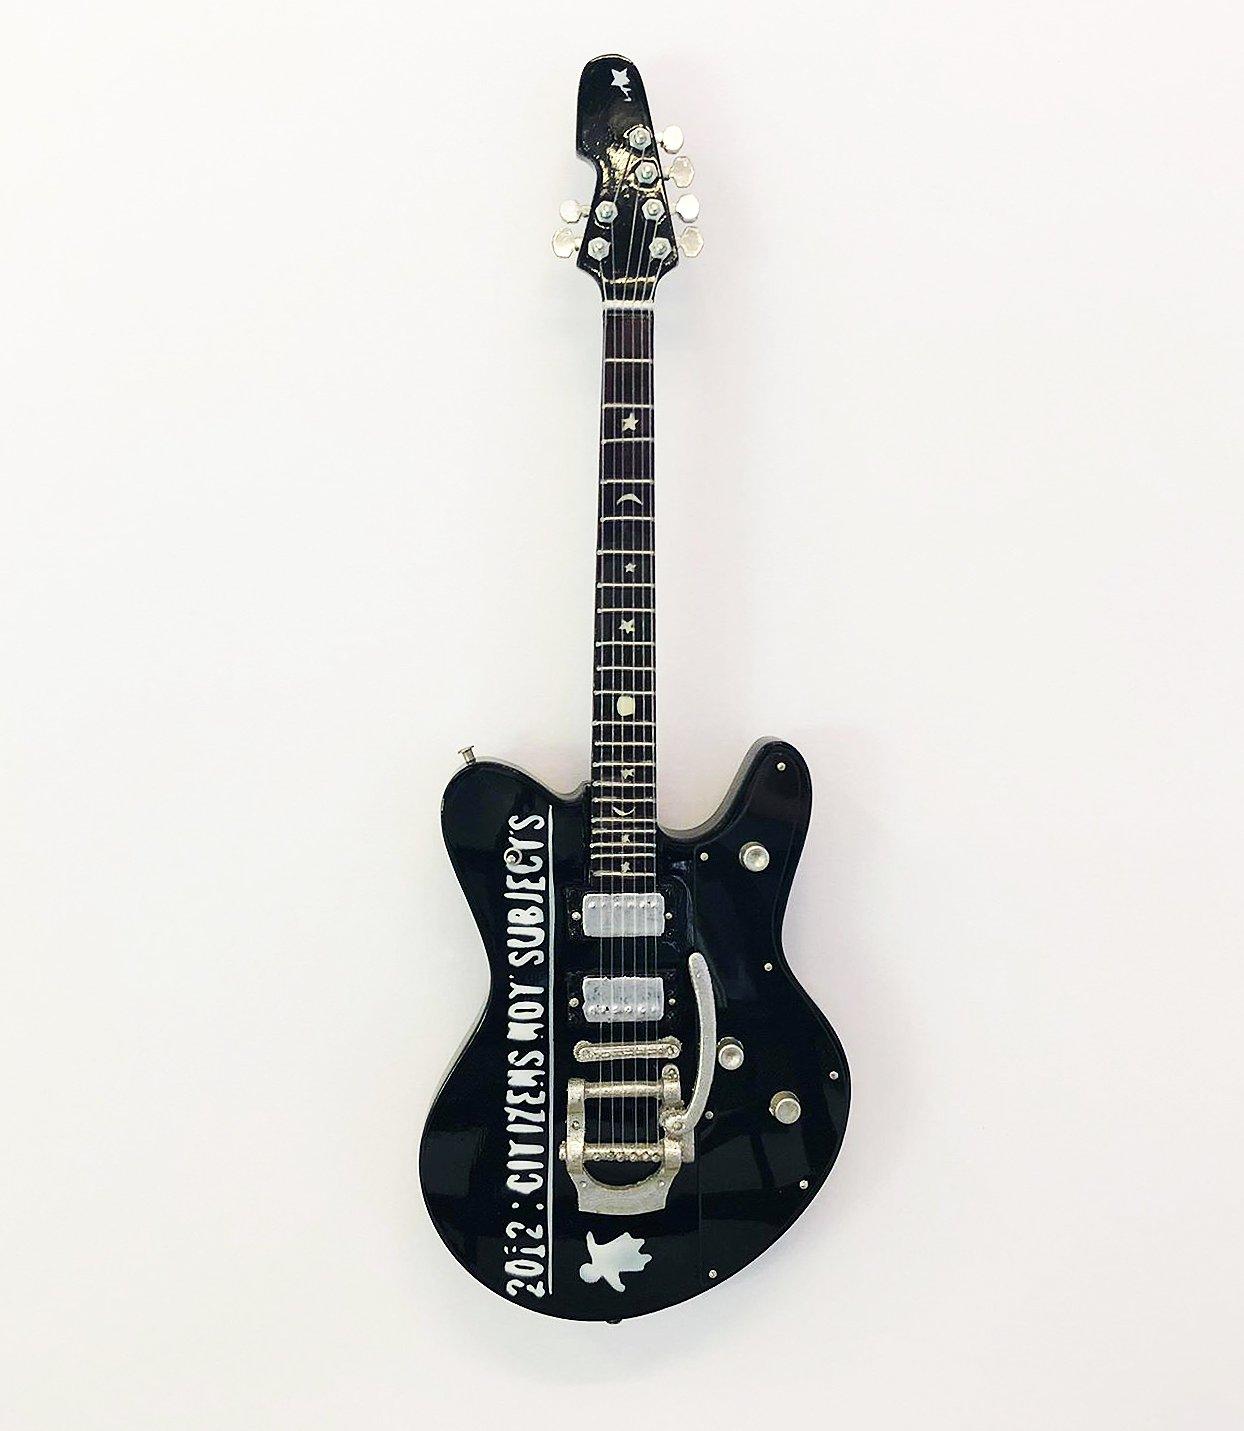 R/éplique miniature pour guitare vendeur britannique /Mod/èle Mini Rock souvenirs R/éplique Guitare Miniature en bois et gratuit support de pr/ésentation Robert Smith Ultracure par Axman/